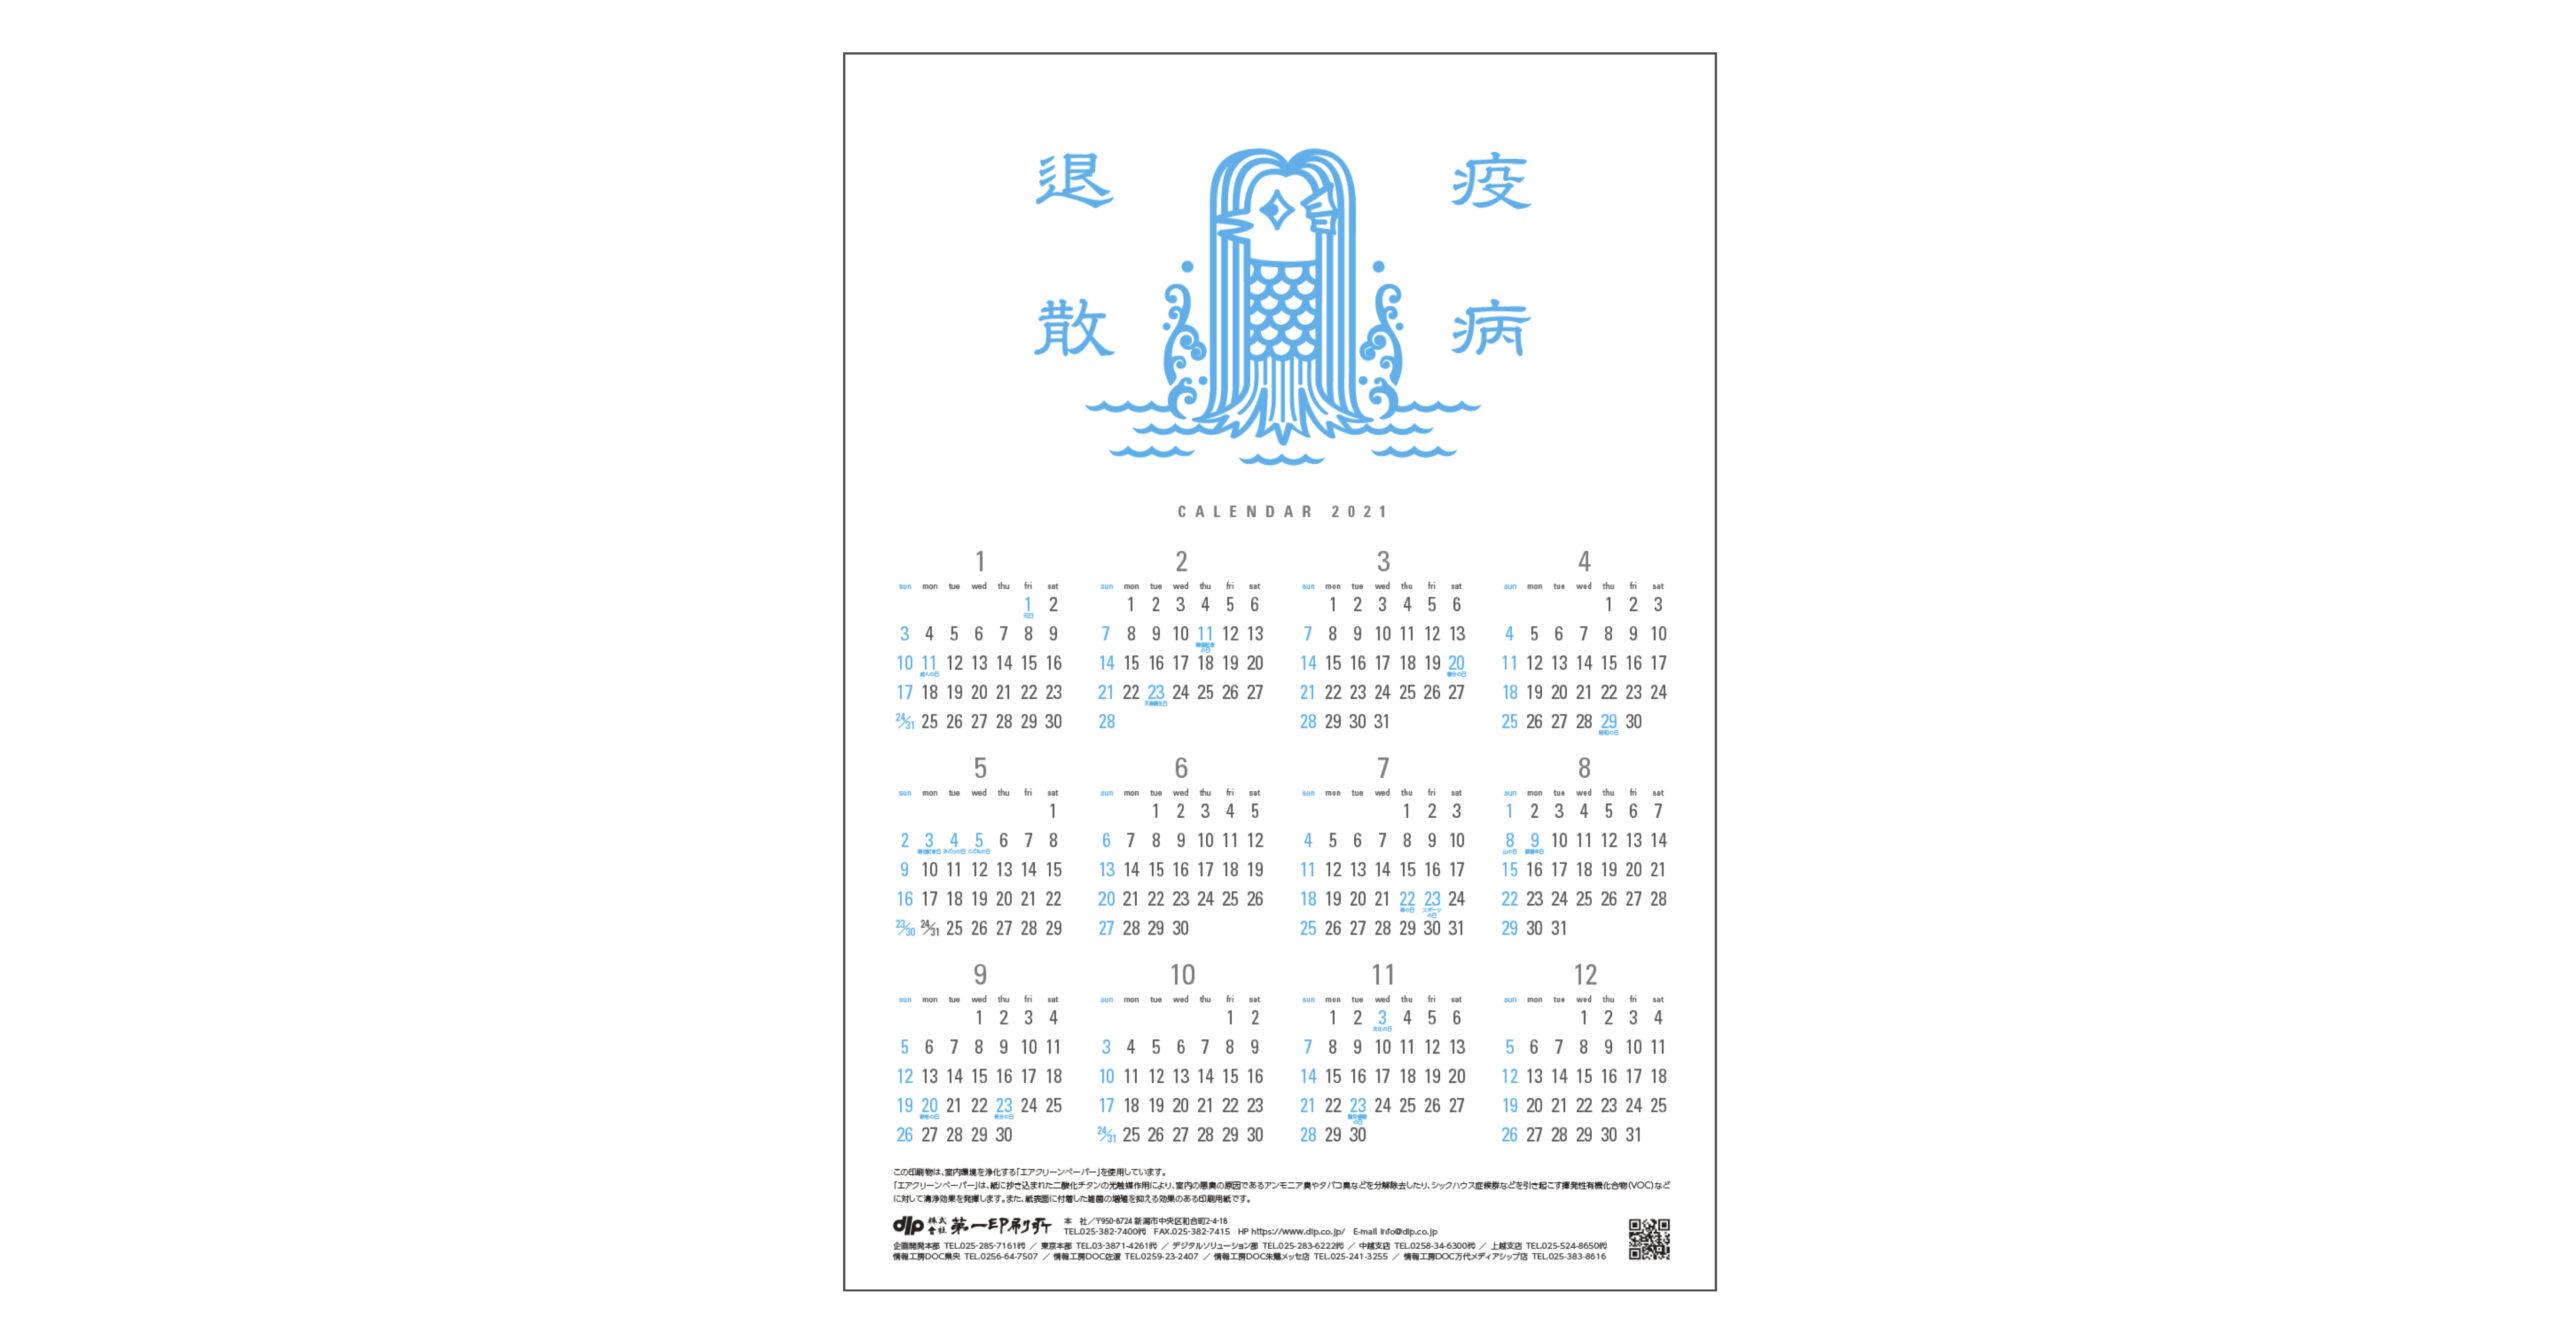 エアクリーンペーパーカレンダー(A2サイズ)